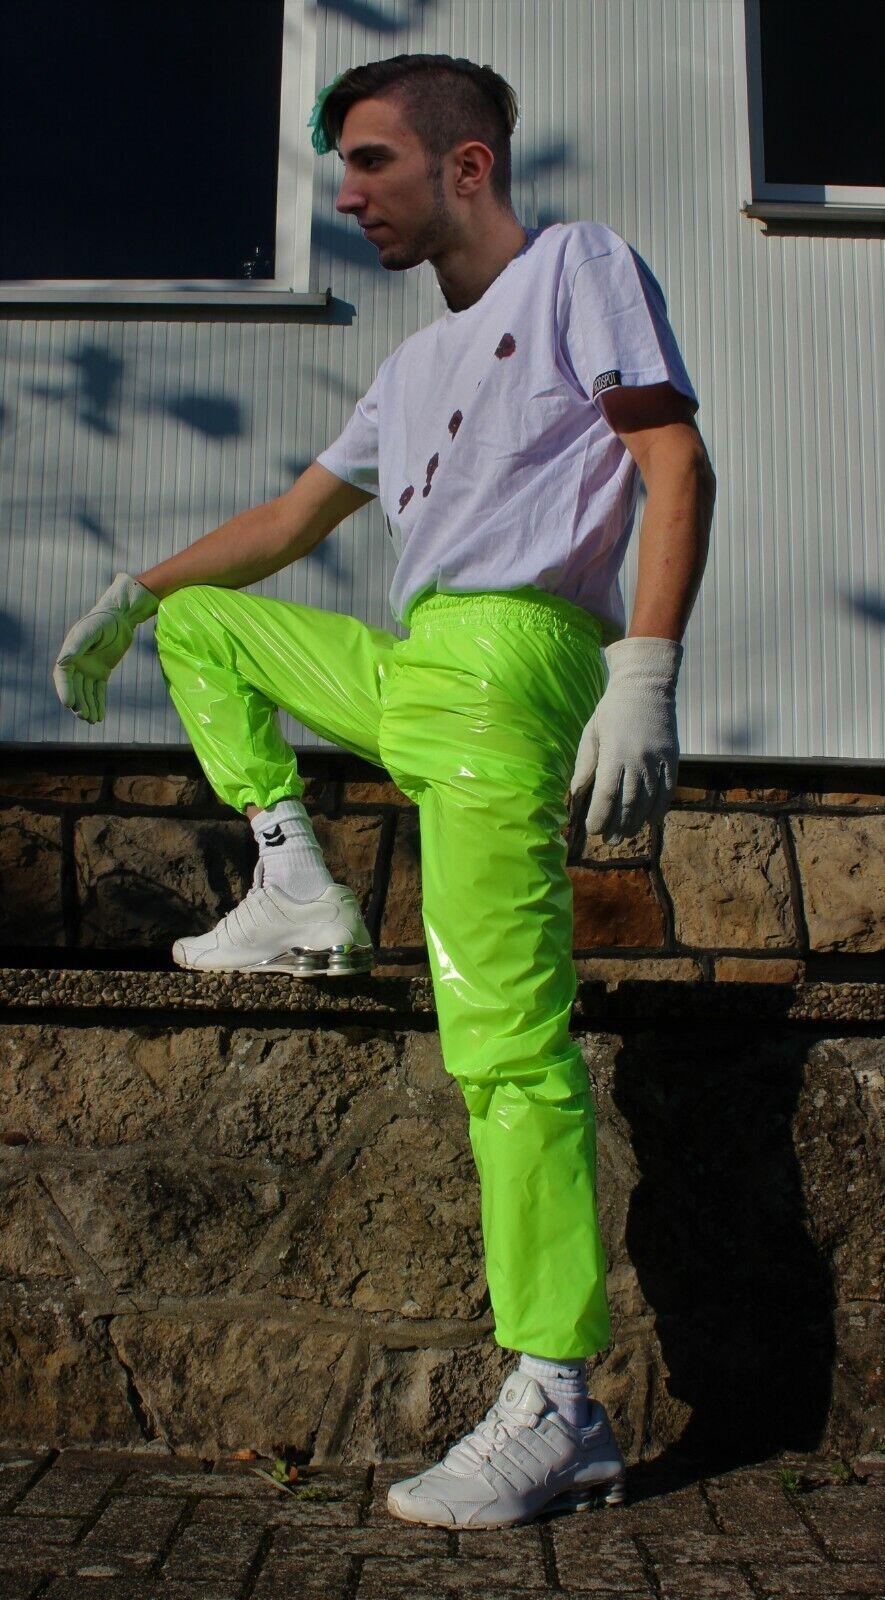 Rodspot lucentezza NYLON NYLON NYLON speculari VERNICE Pantaloni Pioggia Pantaloni Shiny NYLON PANTS 90e376